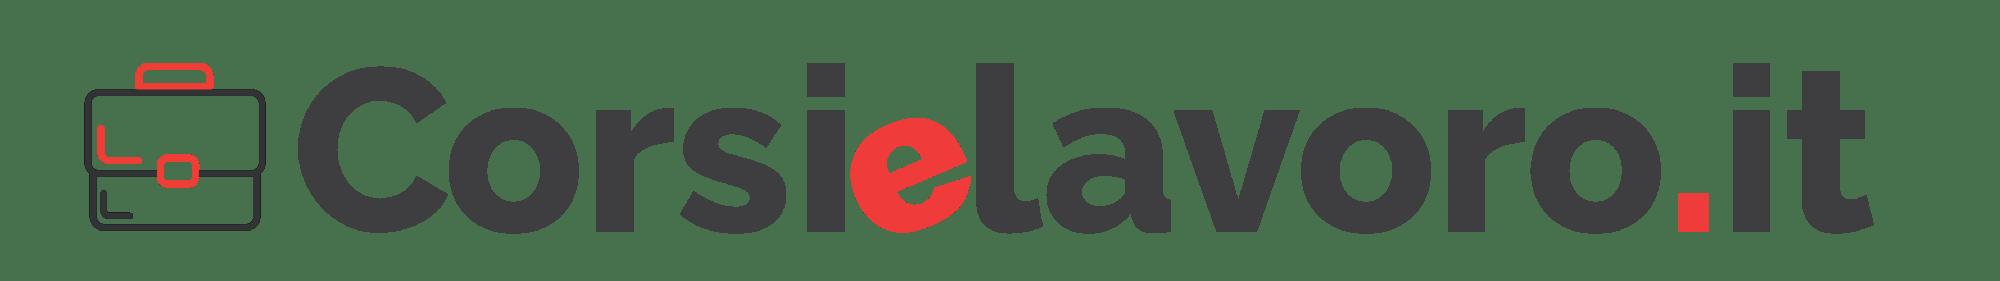 Corsielavoro.it | Il blog sulla formazione e sul lavoro